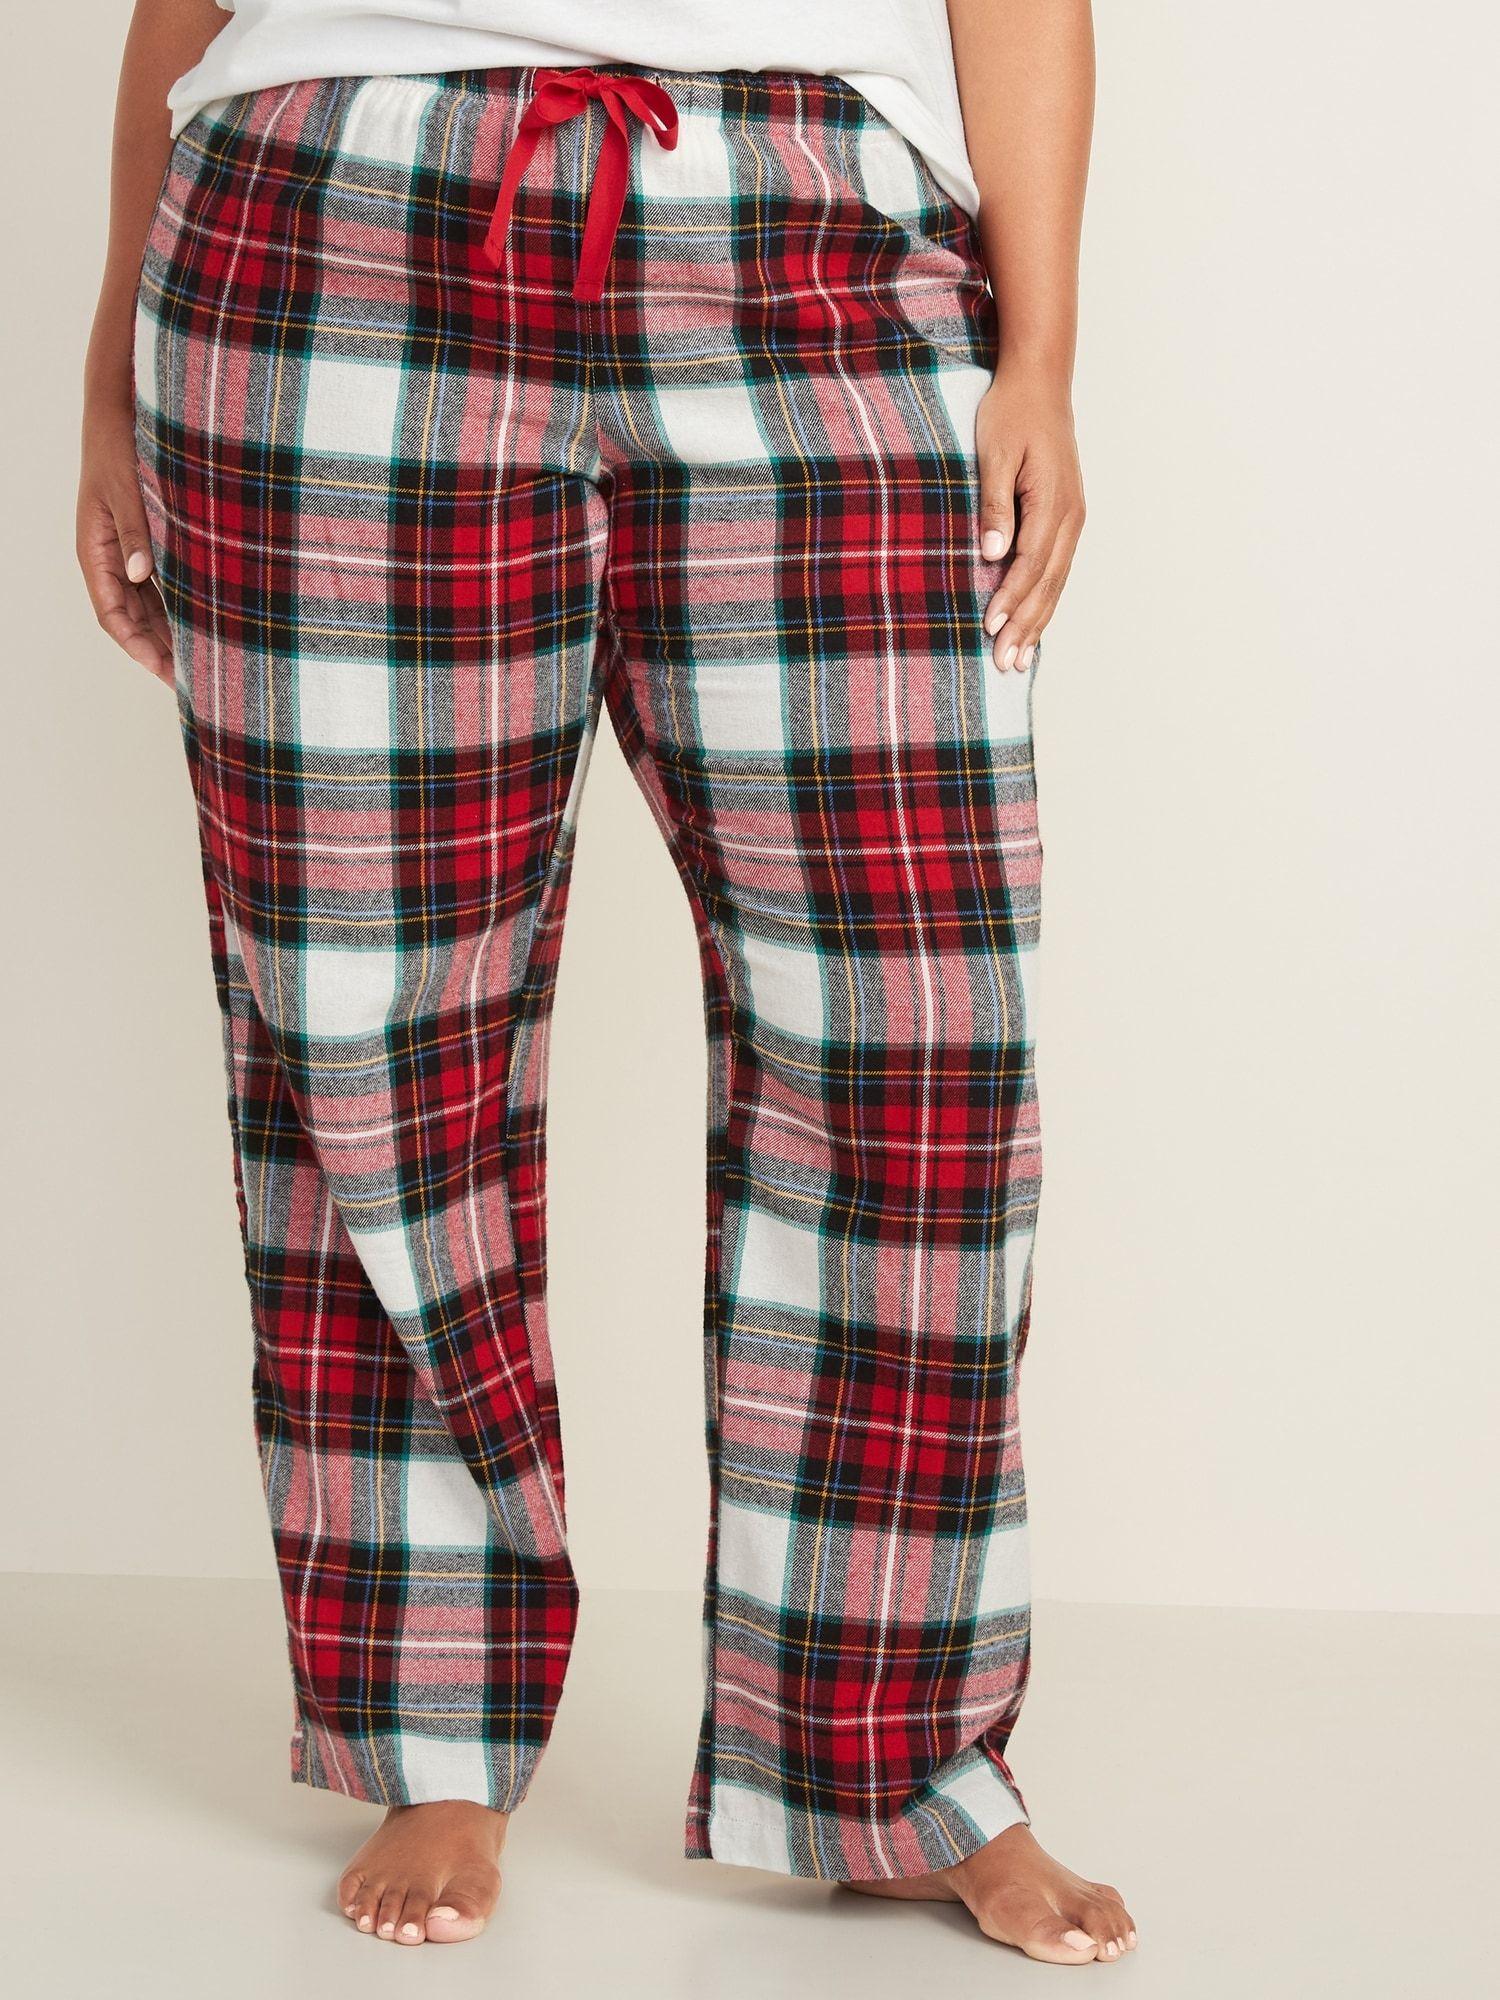 Patterned Flannel Plus Size Pajama Pants Plus Size Pajamas Pajama Pants Plaid Pajama Pants